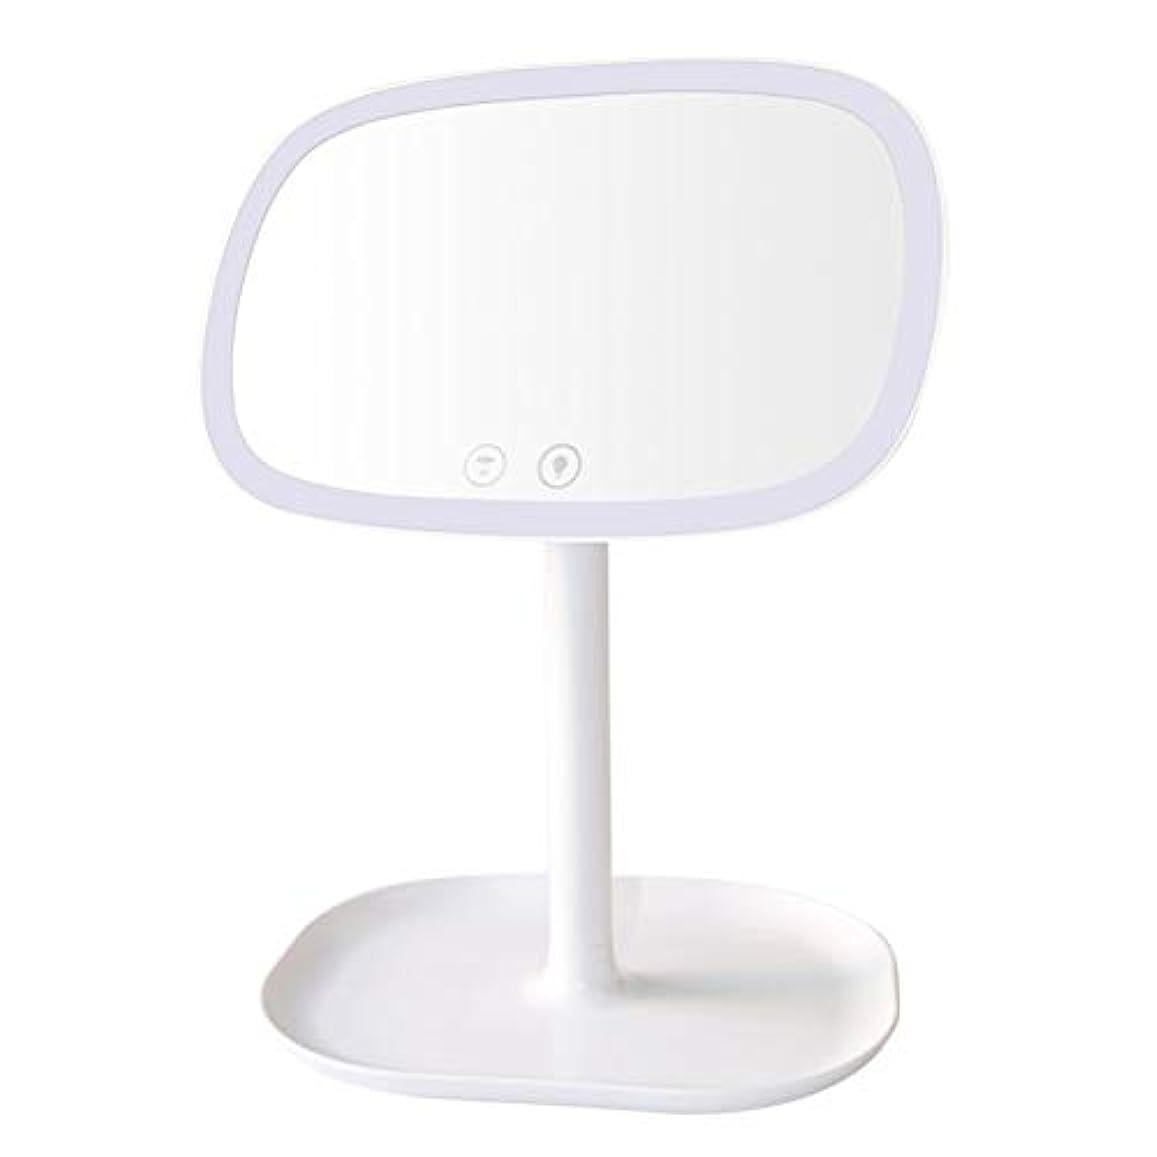 津波マニアック表面LEDメイクアップミラーUSB充電、10倍拡大鏡タッチスクリーンバニティスクエアデスクスタンド化粧鏡と360度回転可能